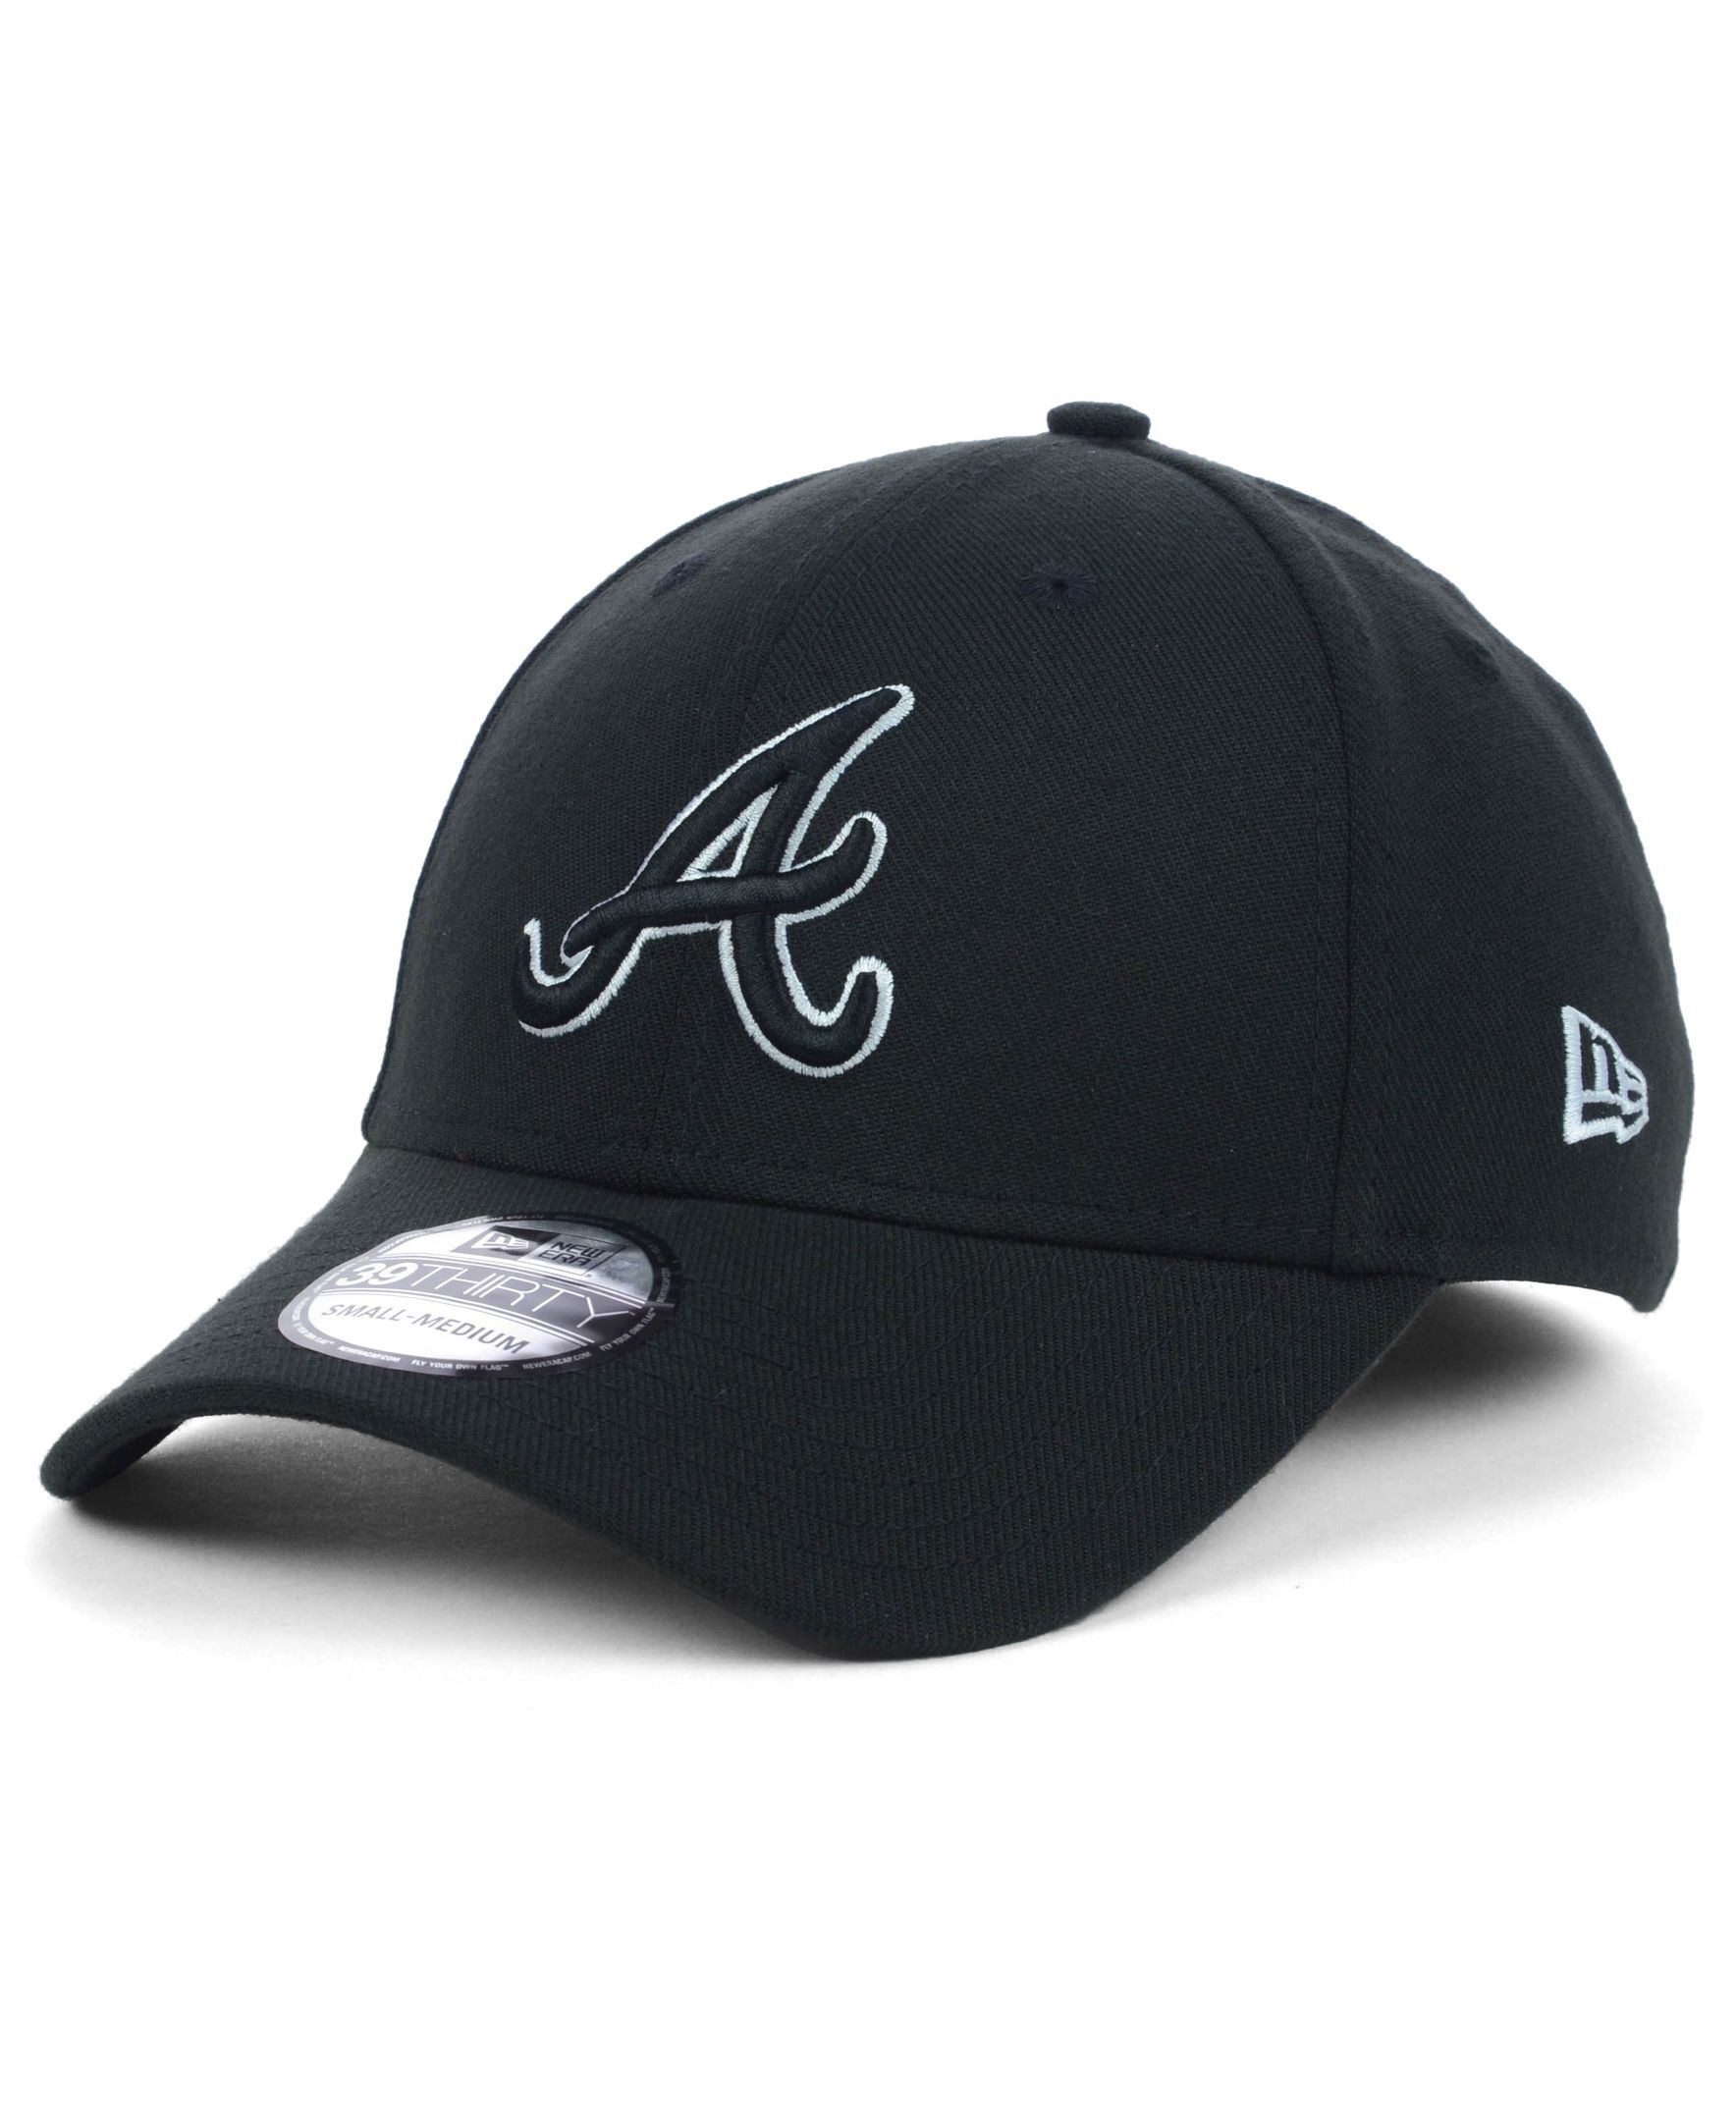 New Era Atlanta Braves Black And White Classic 39thirty Cap Atlanta Braves New Era Black